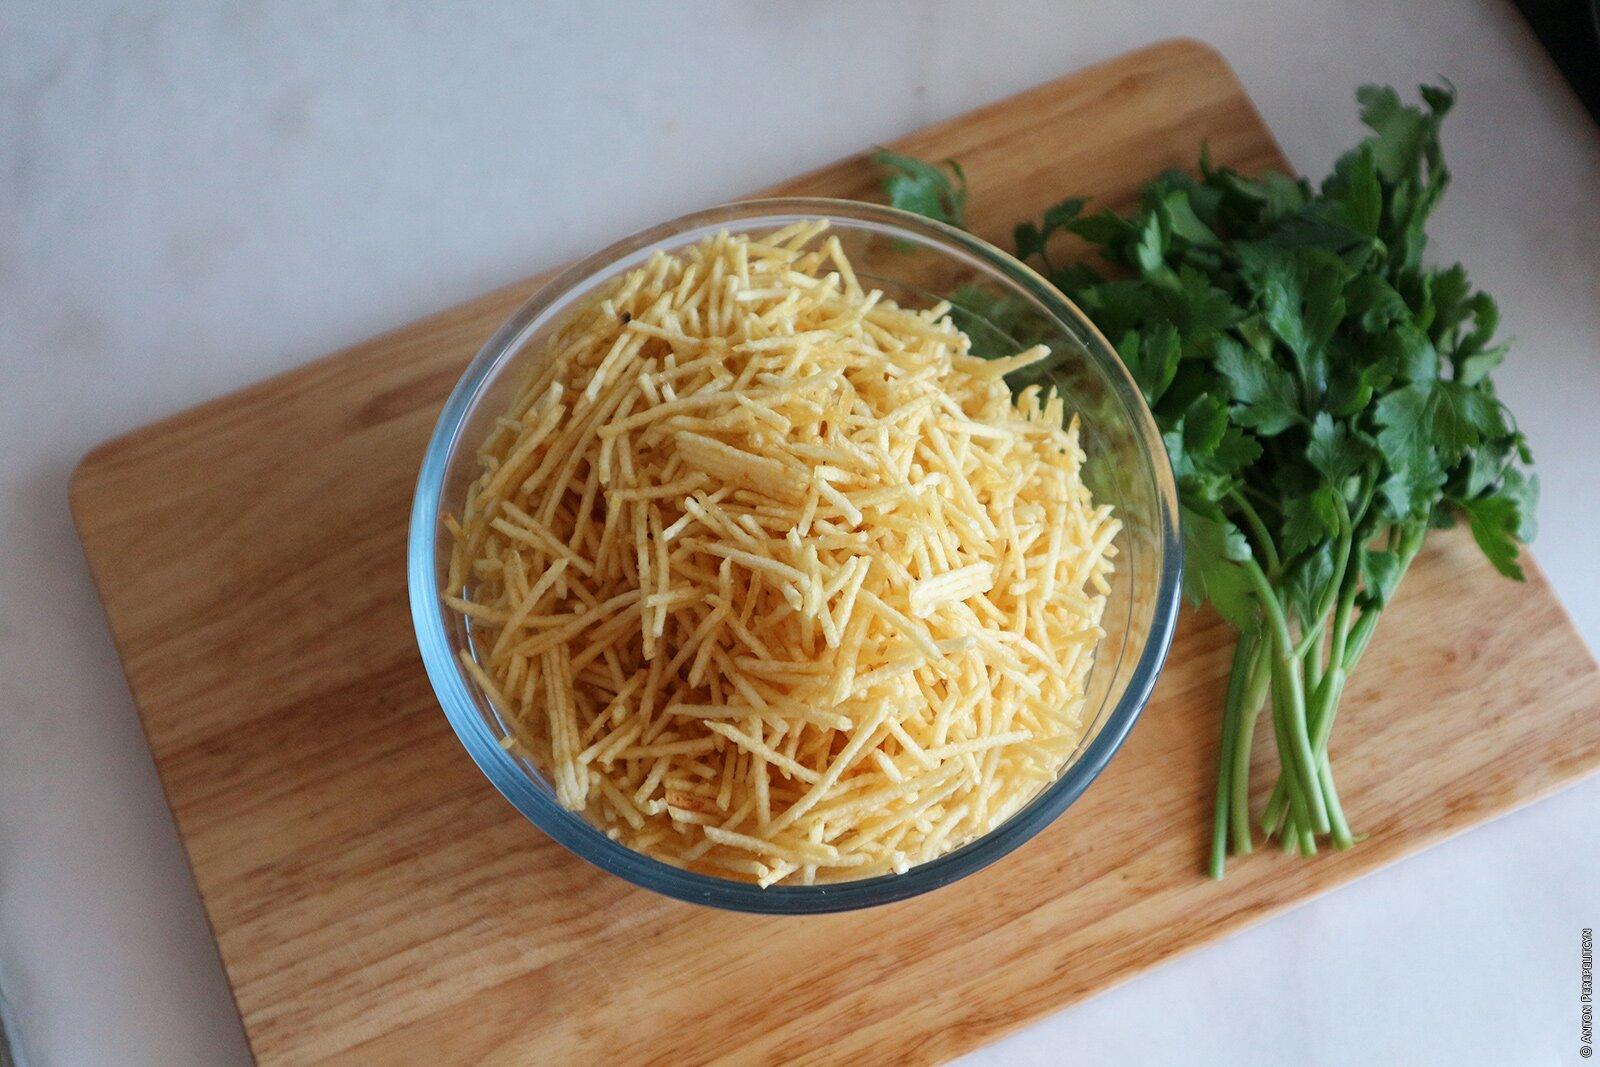 Картофельные чипсы соломкой (batata palha)